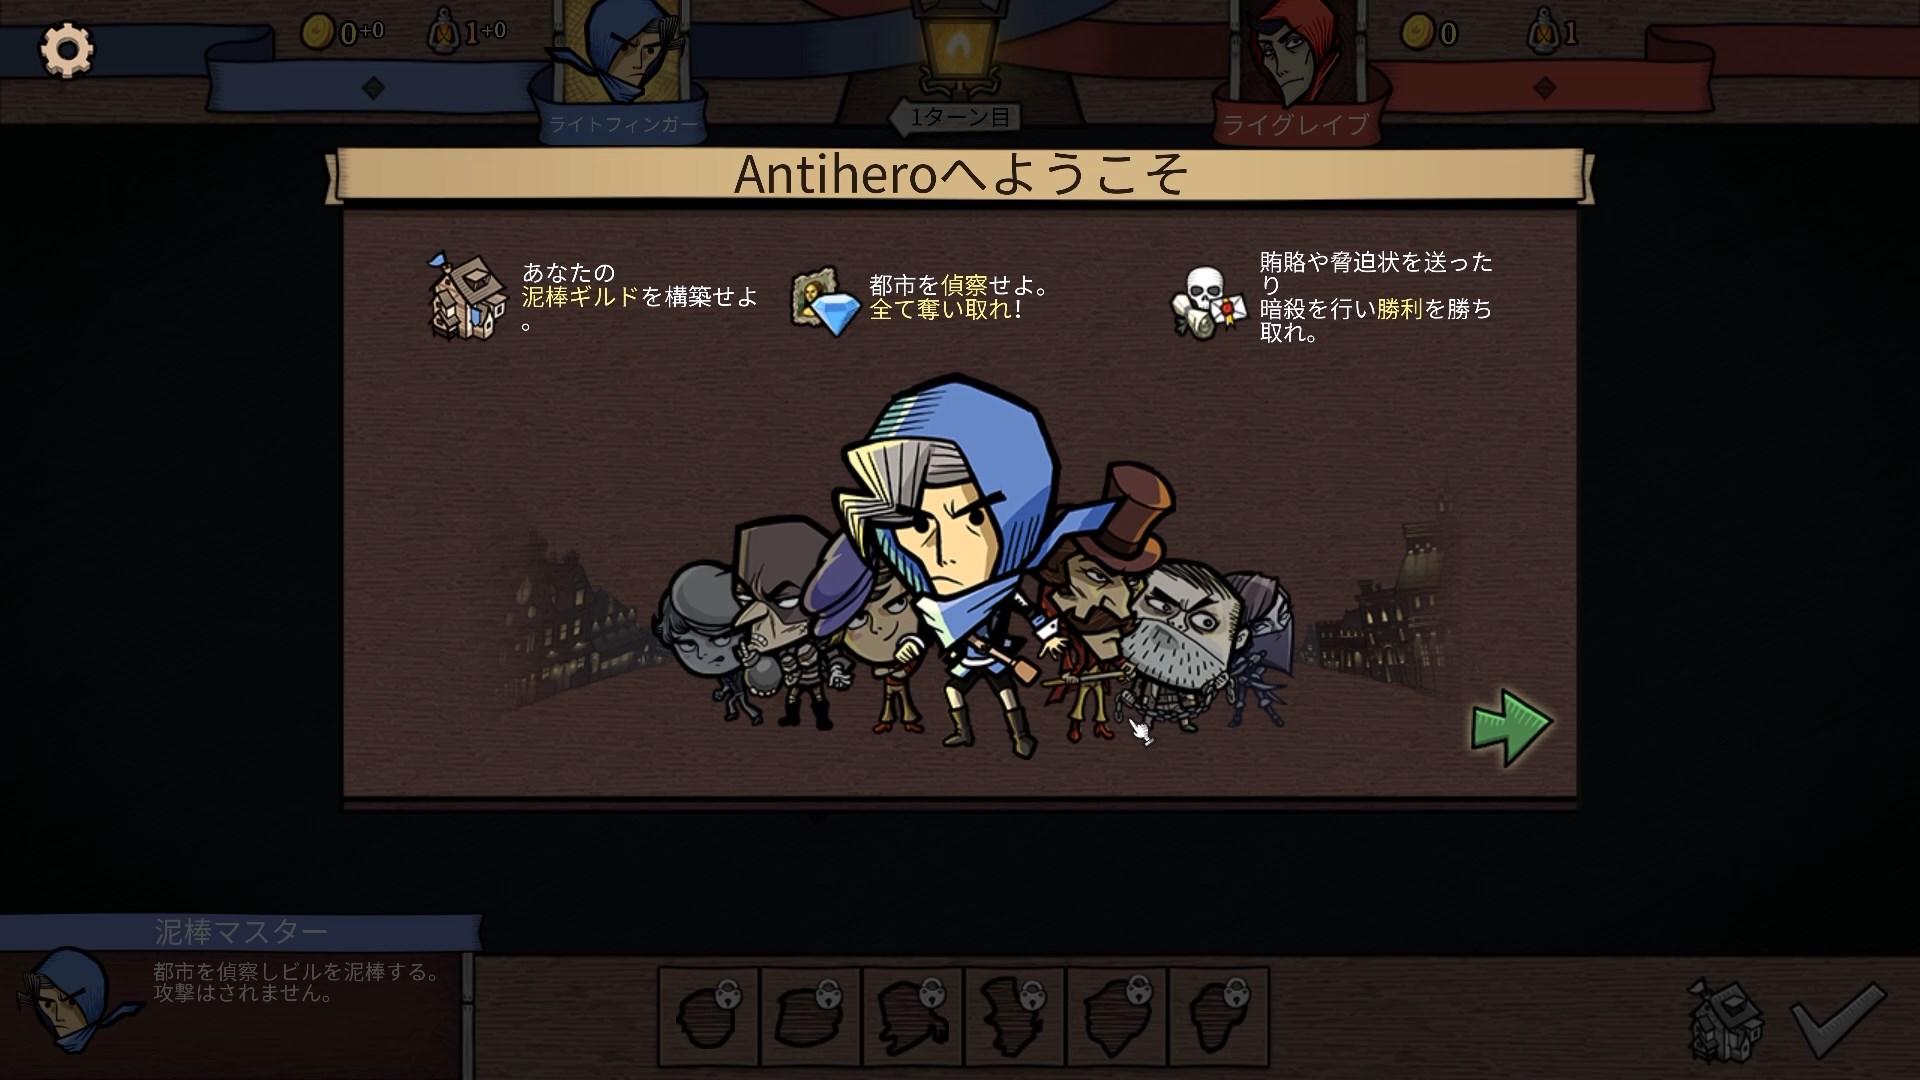 antiheroプレイ画面2